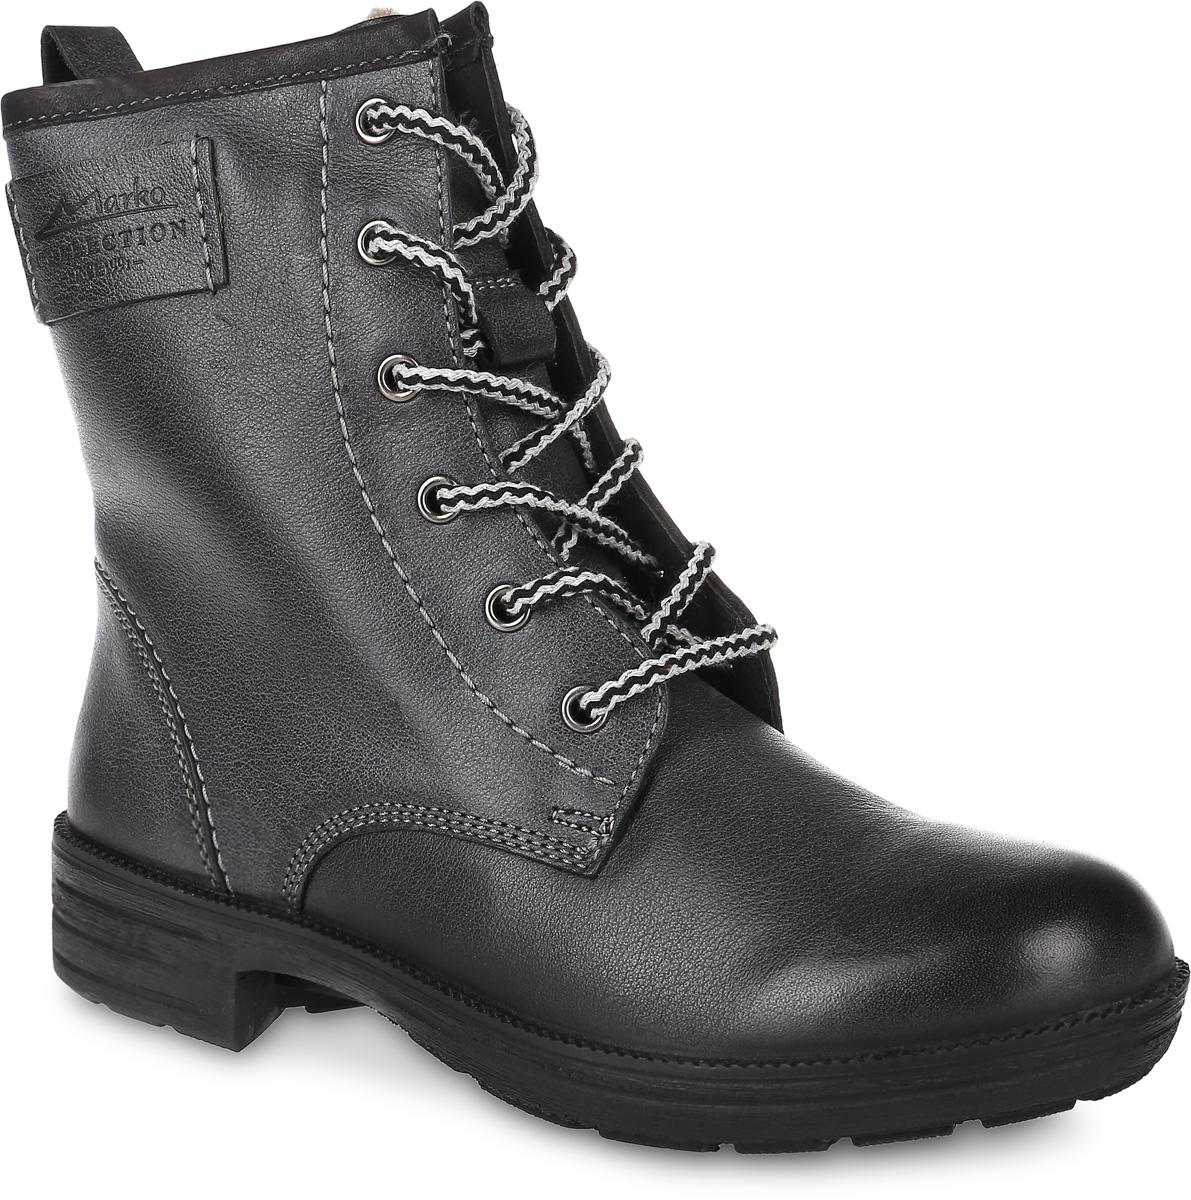 6688Модные ботинки Free Style от San Marko заинтересуют вашу девочку с первого взгляда! Модель выполнена из натуральной кожи. Шнуровка надежно зафиксирует модель на ноге. Боковая застежка-молния позволяет легко снимать и надевать модель. Подкладка и стелька из шерстяного меха не дадут ногам замерзнуть. Подошва и невысокий каблук дополнены рифлением.